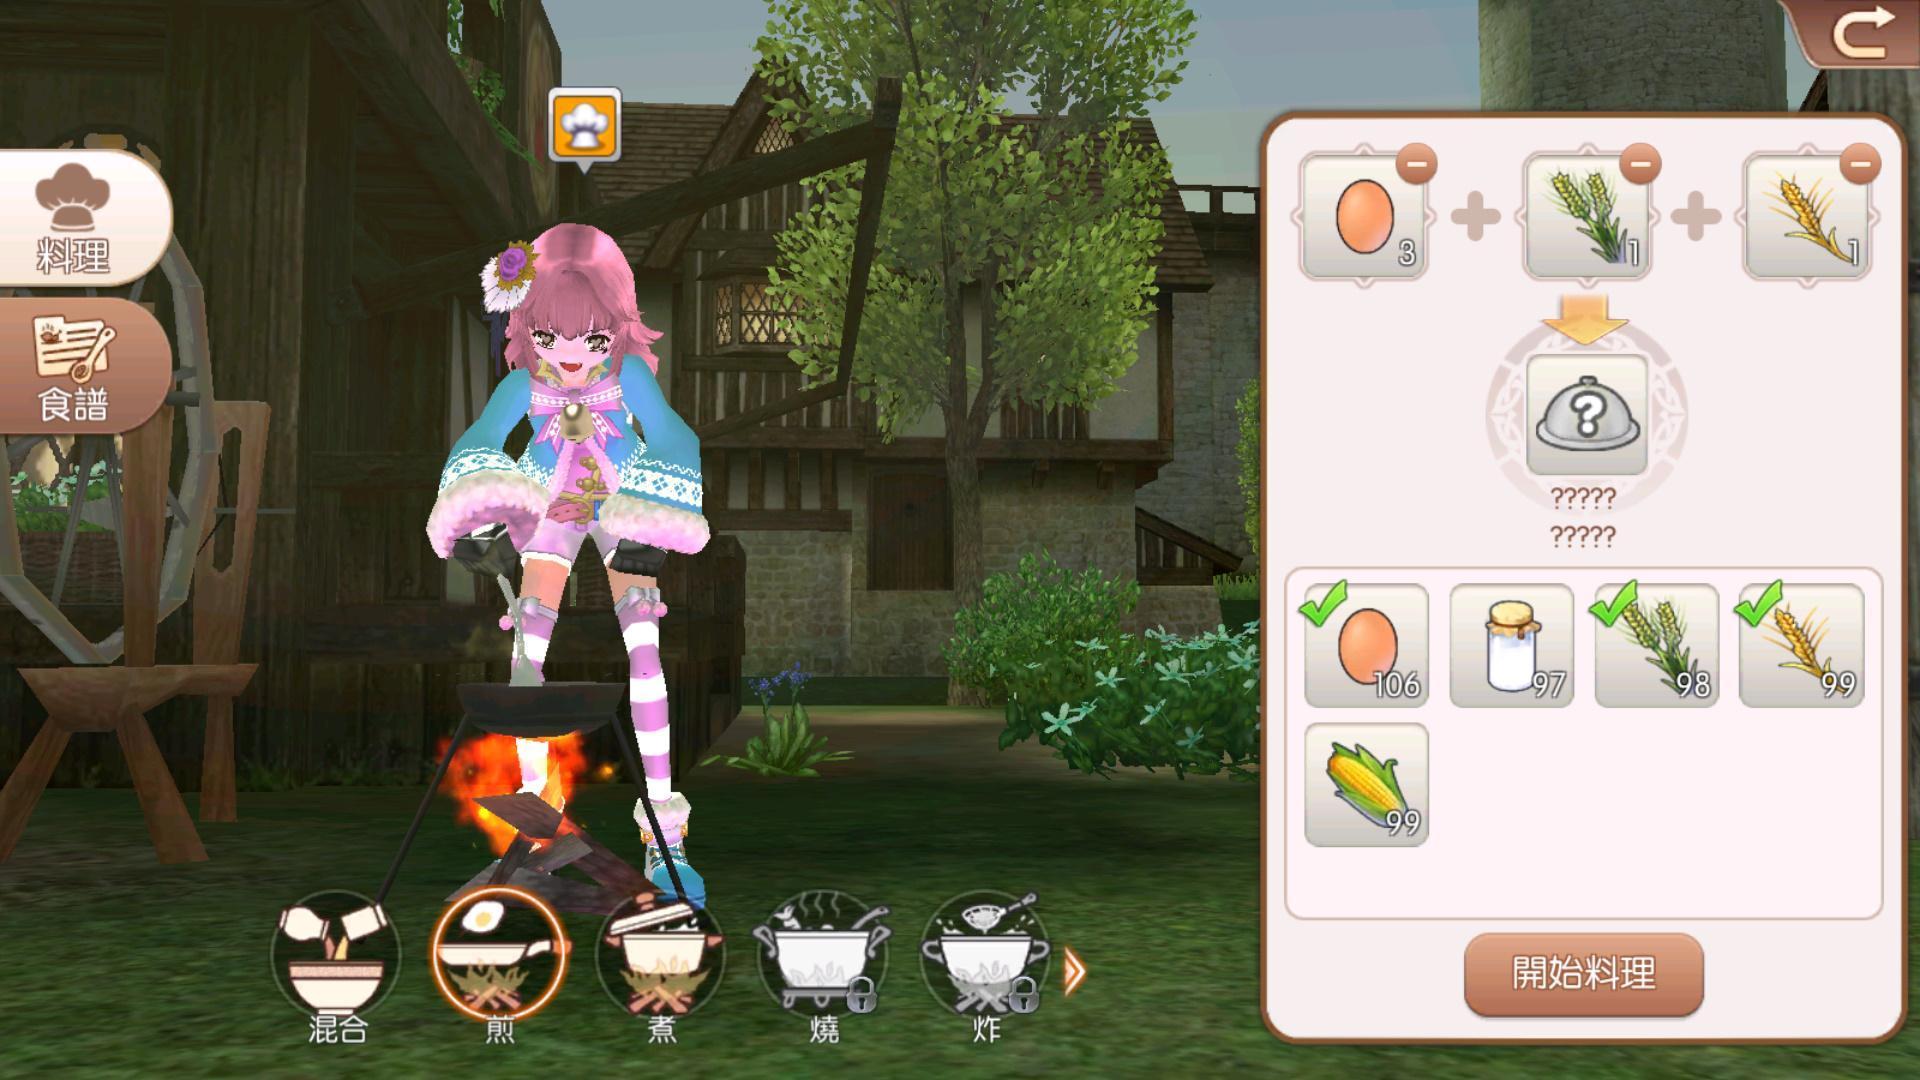 瑪奇-夢想生活for Android - APK Download